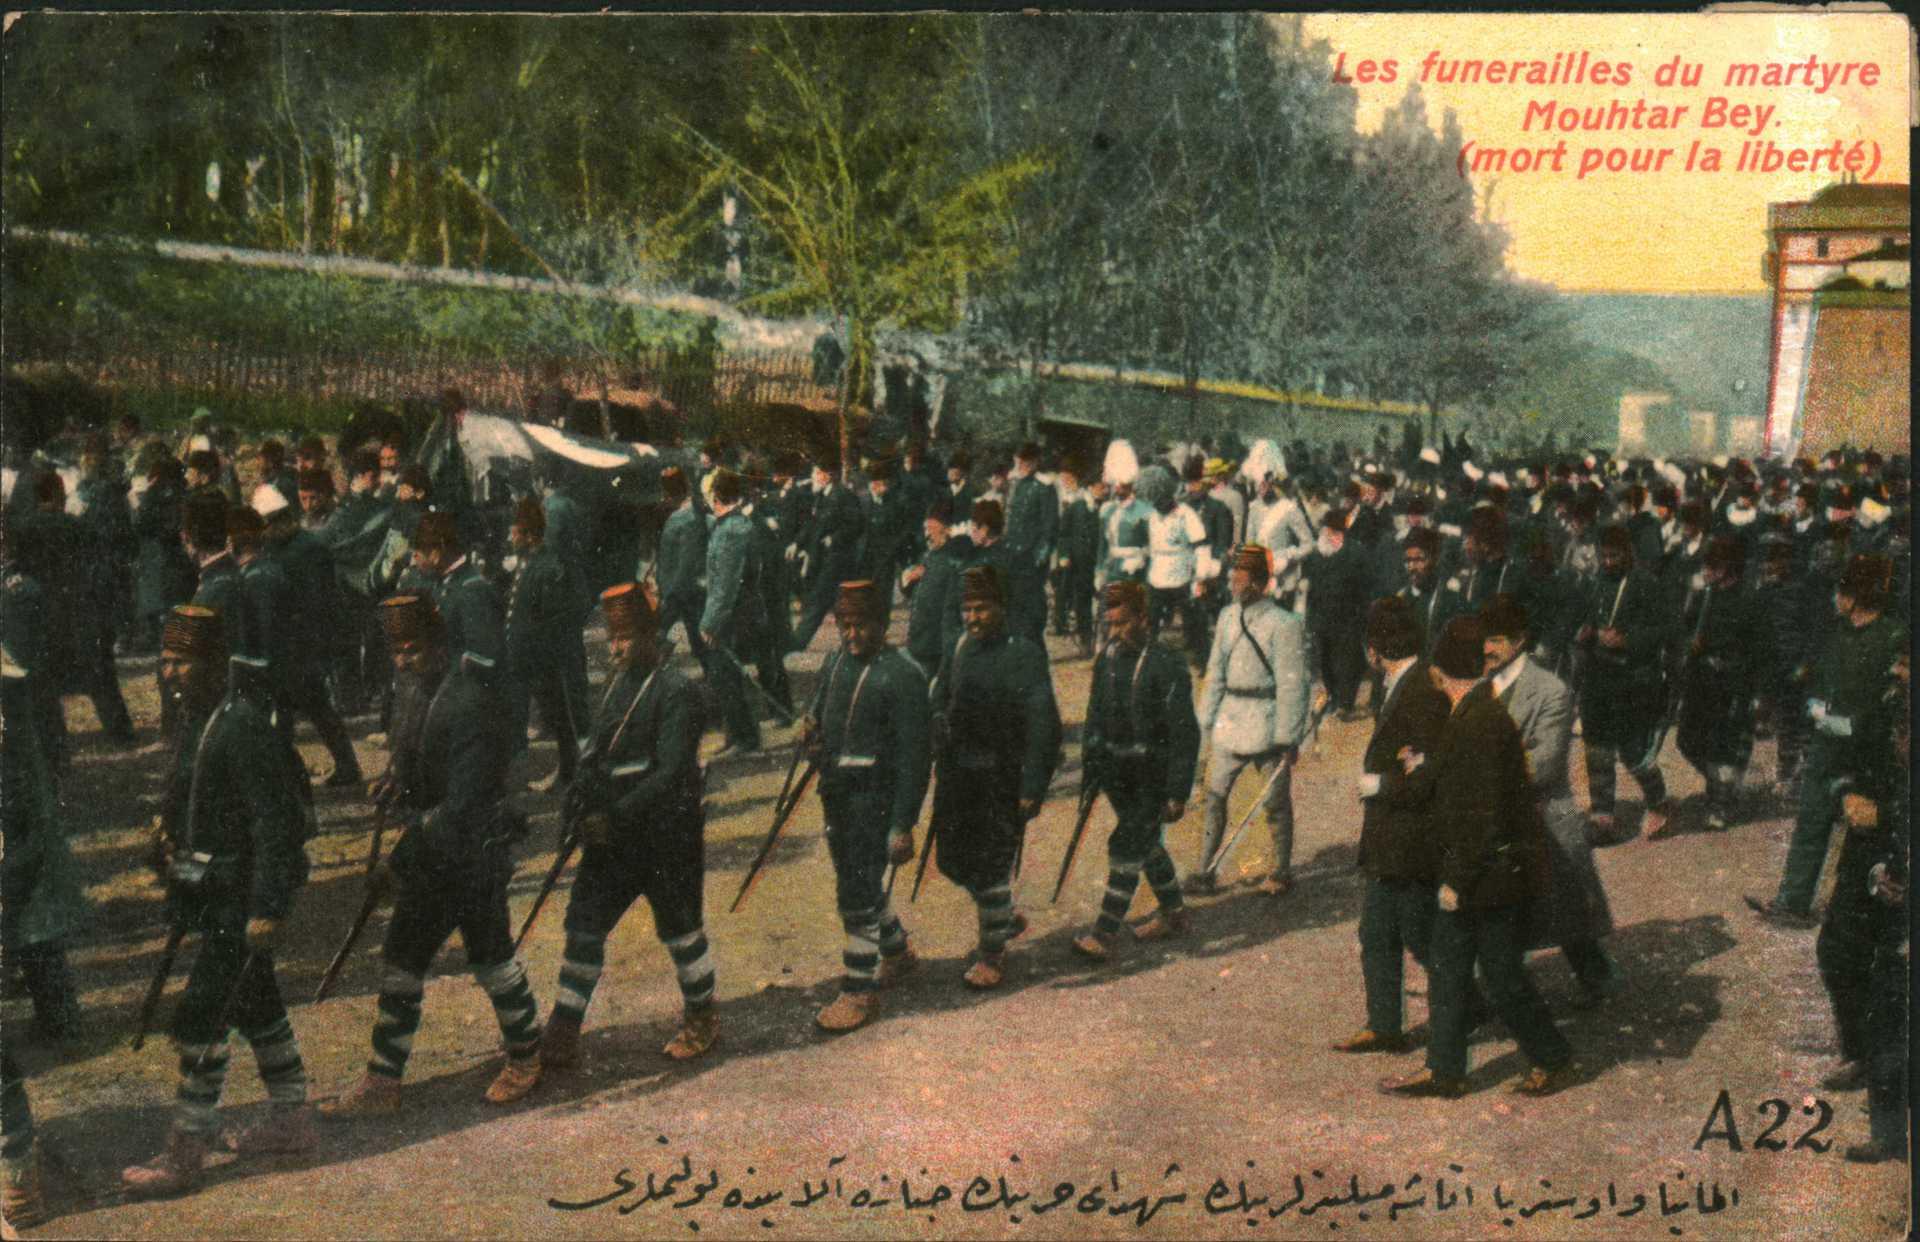 Les funerailles du martyre Mouhtar Bey(mort pour la liberte)